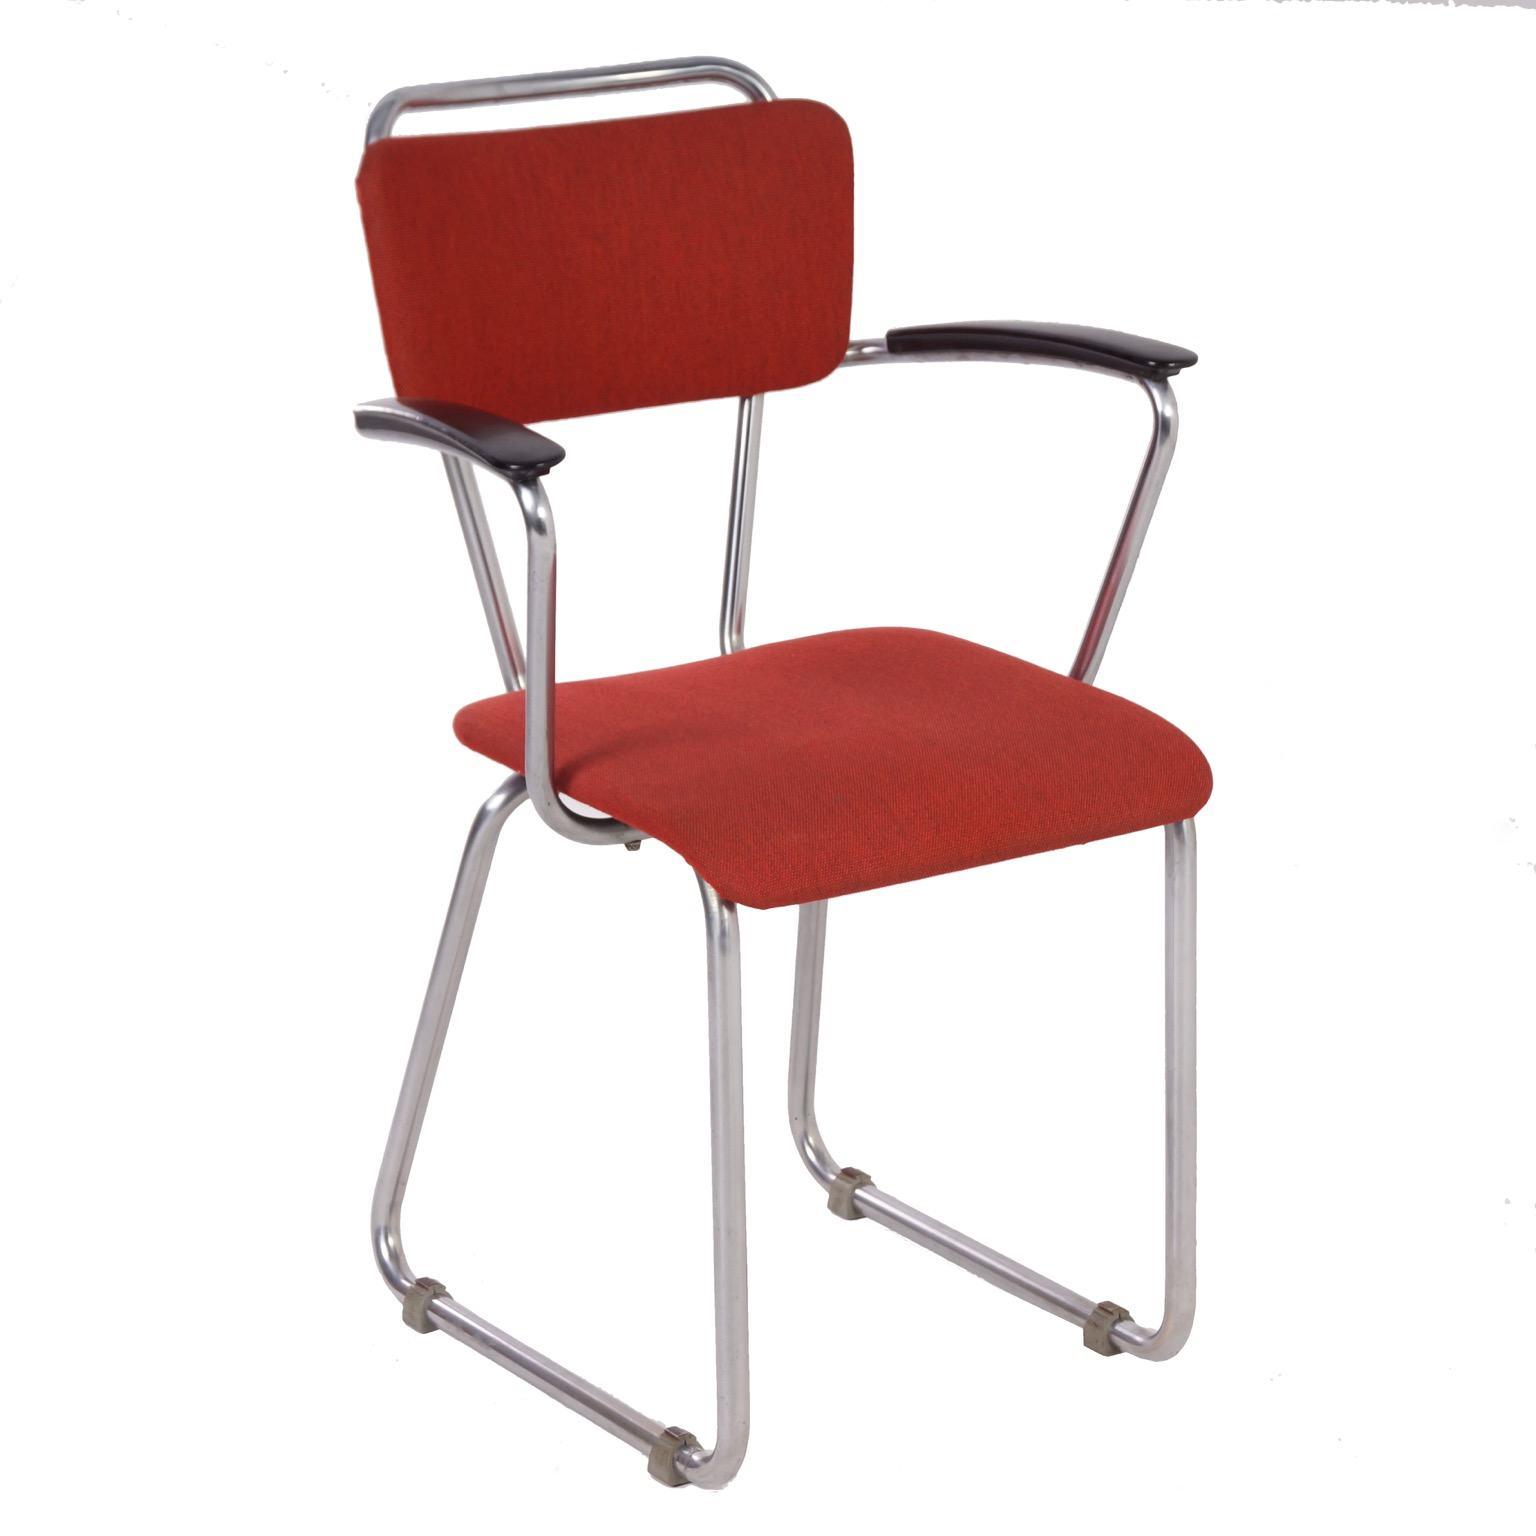 Originele Gispen Bureaustoel.Gispen 214 Bureaustoel Vintage Design Meubels Vintage Bureaustoelen